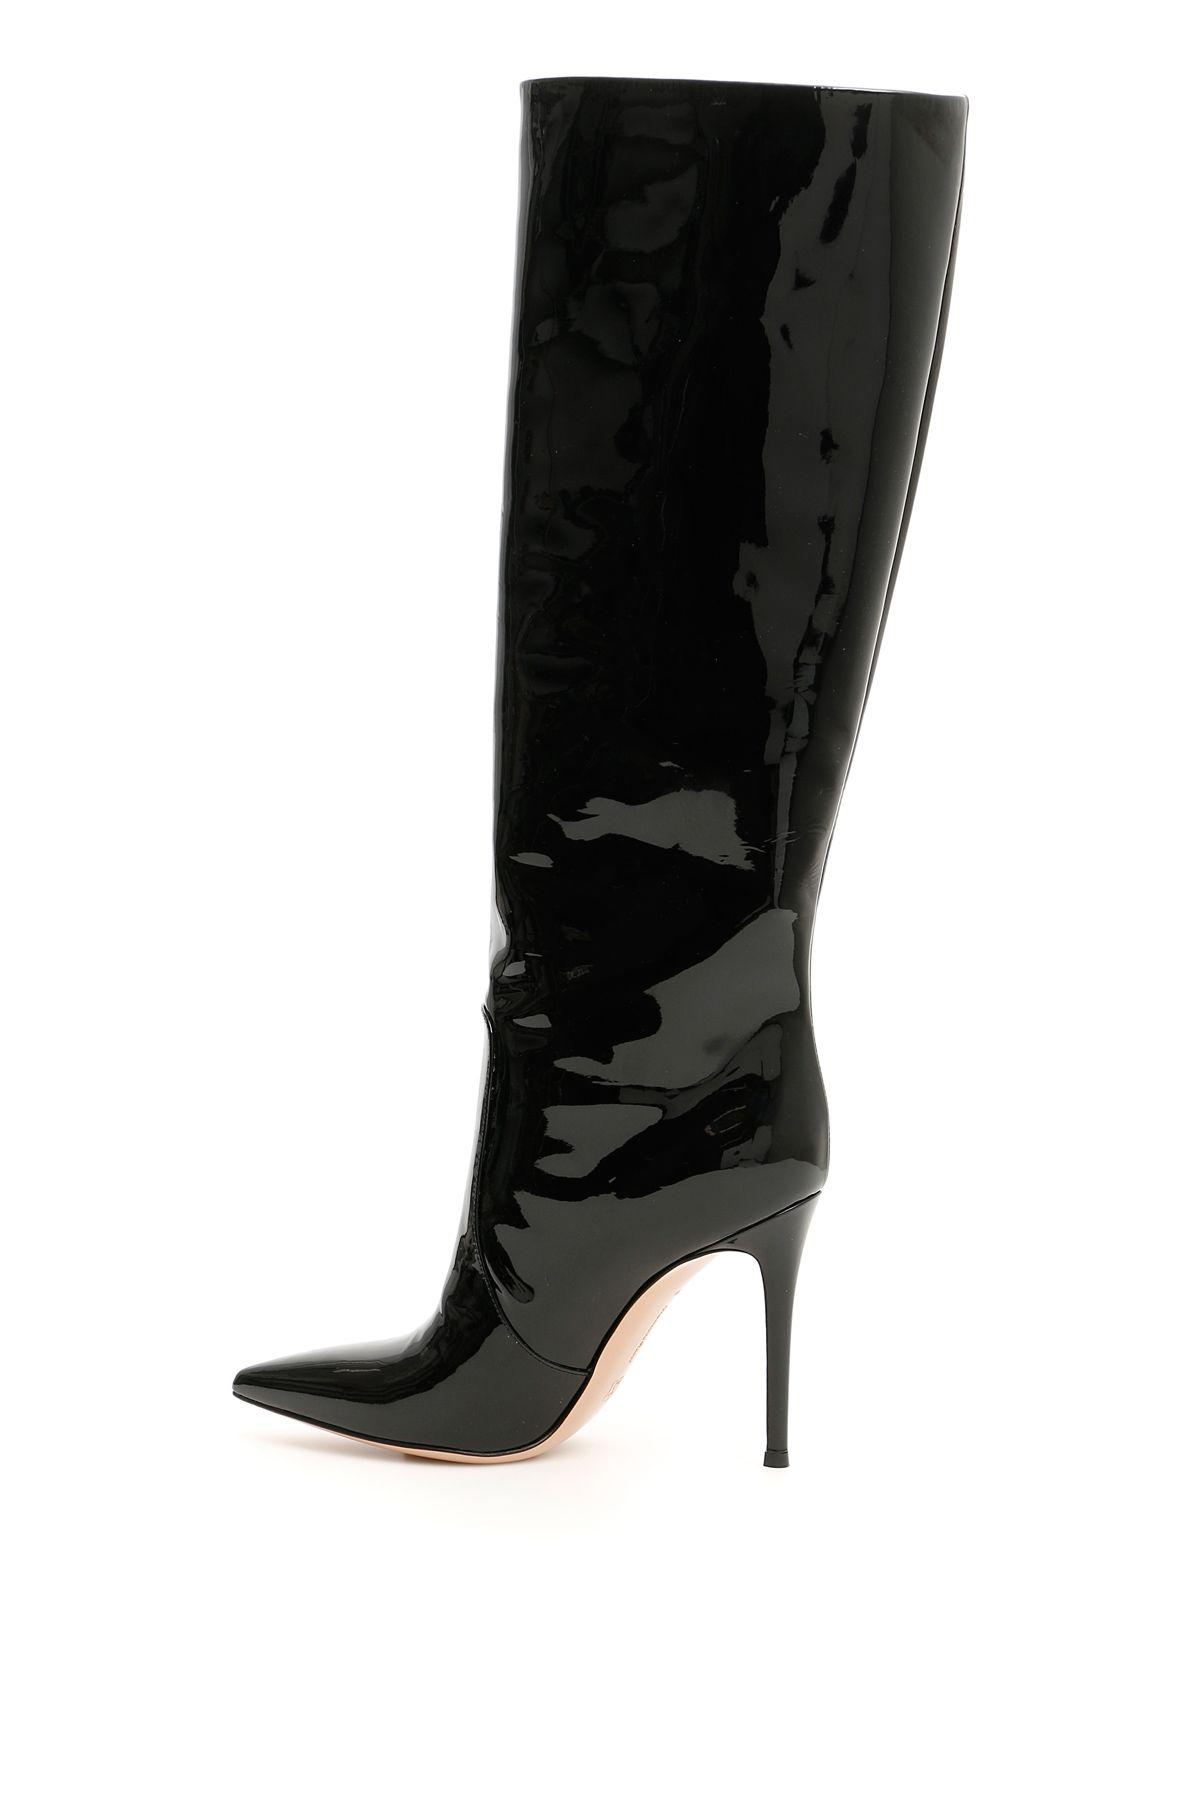 9037a8114ef8 Gianvito Rossi Gianvito Rossi Patent Heather Boots 105 - BLACK